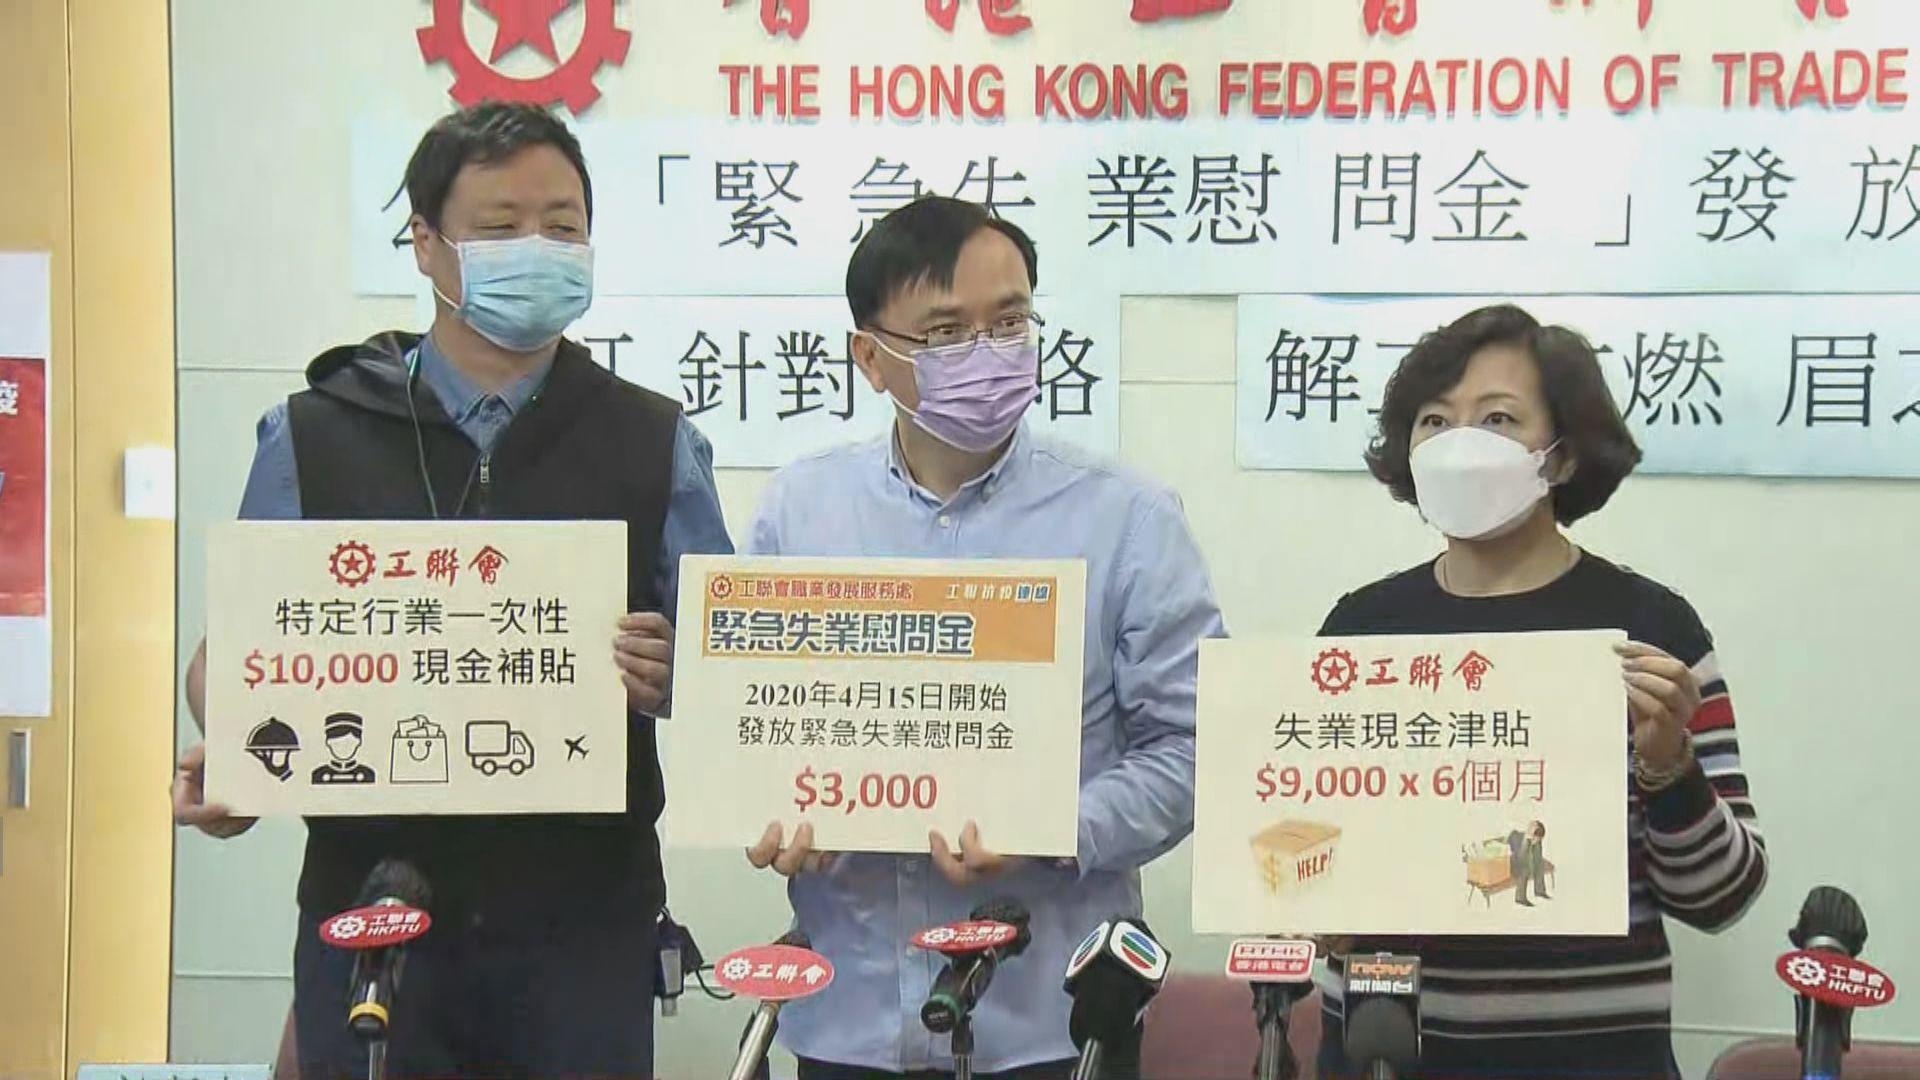 工聯會再促政府設失業援助制度